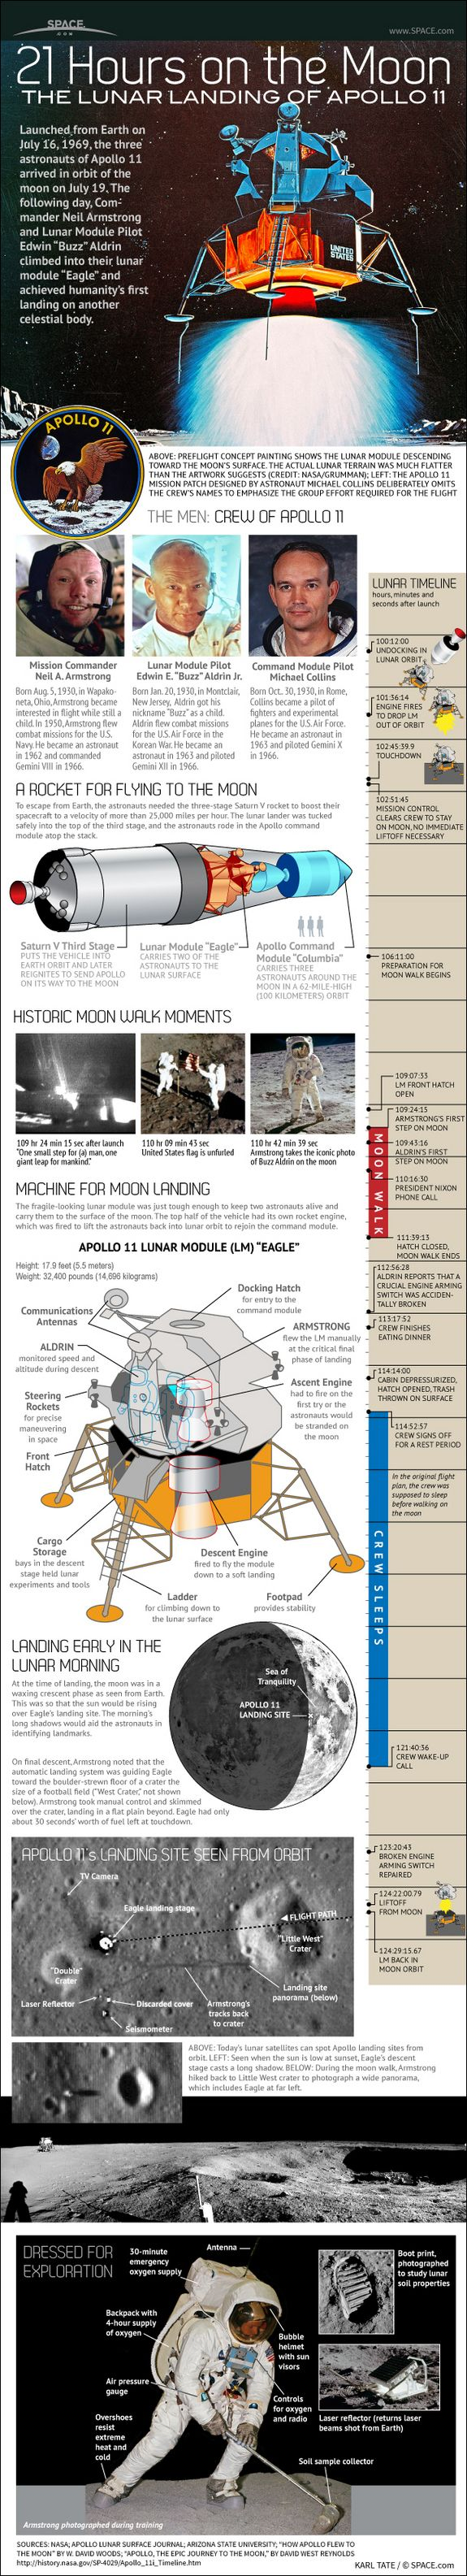 Apollo 11 Lunar Landing - iNFOGRAPHiCs MANiA